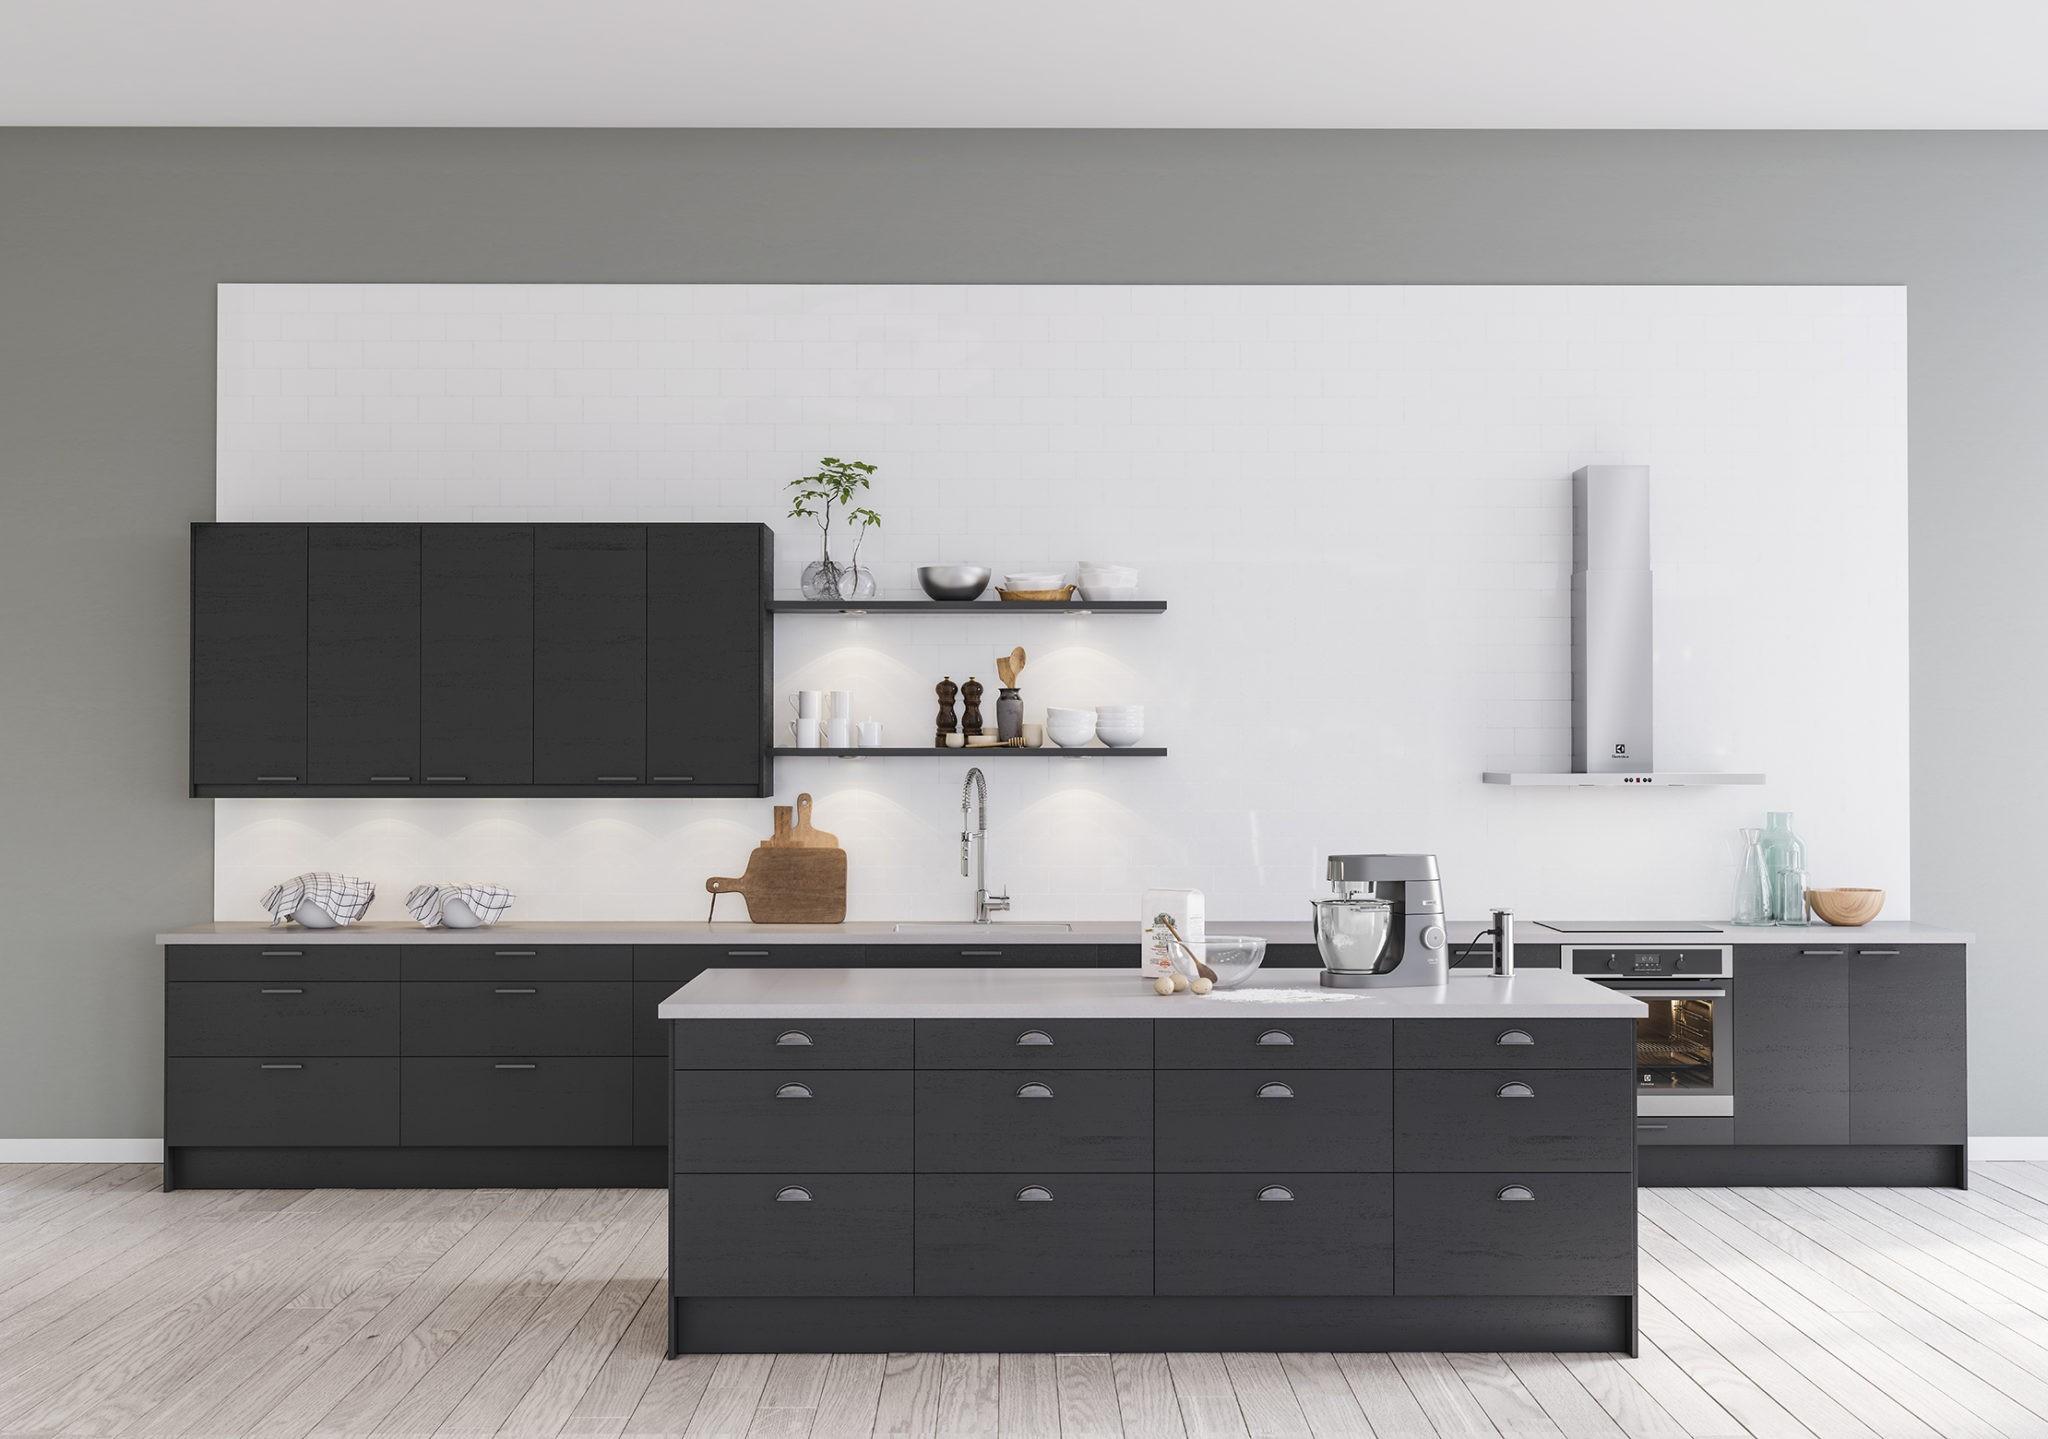 Edge-serien skapar ett äkta och stilrent kök